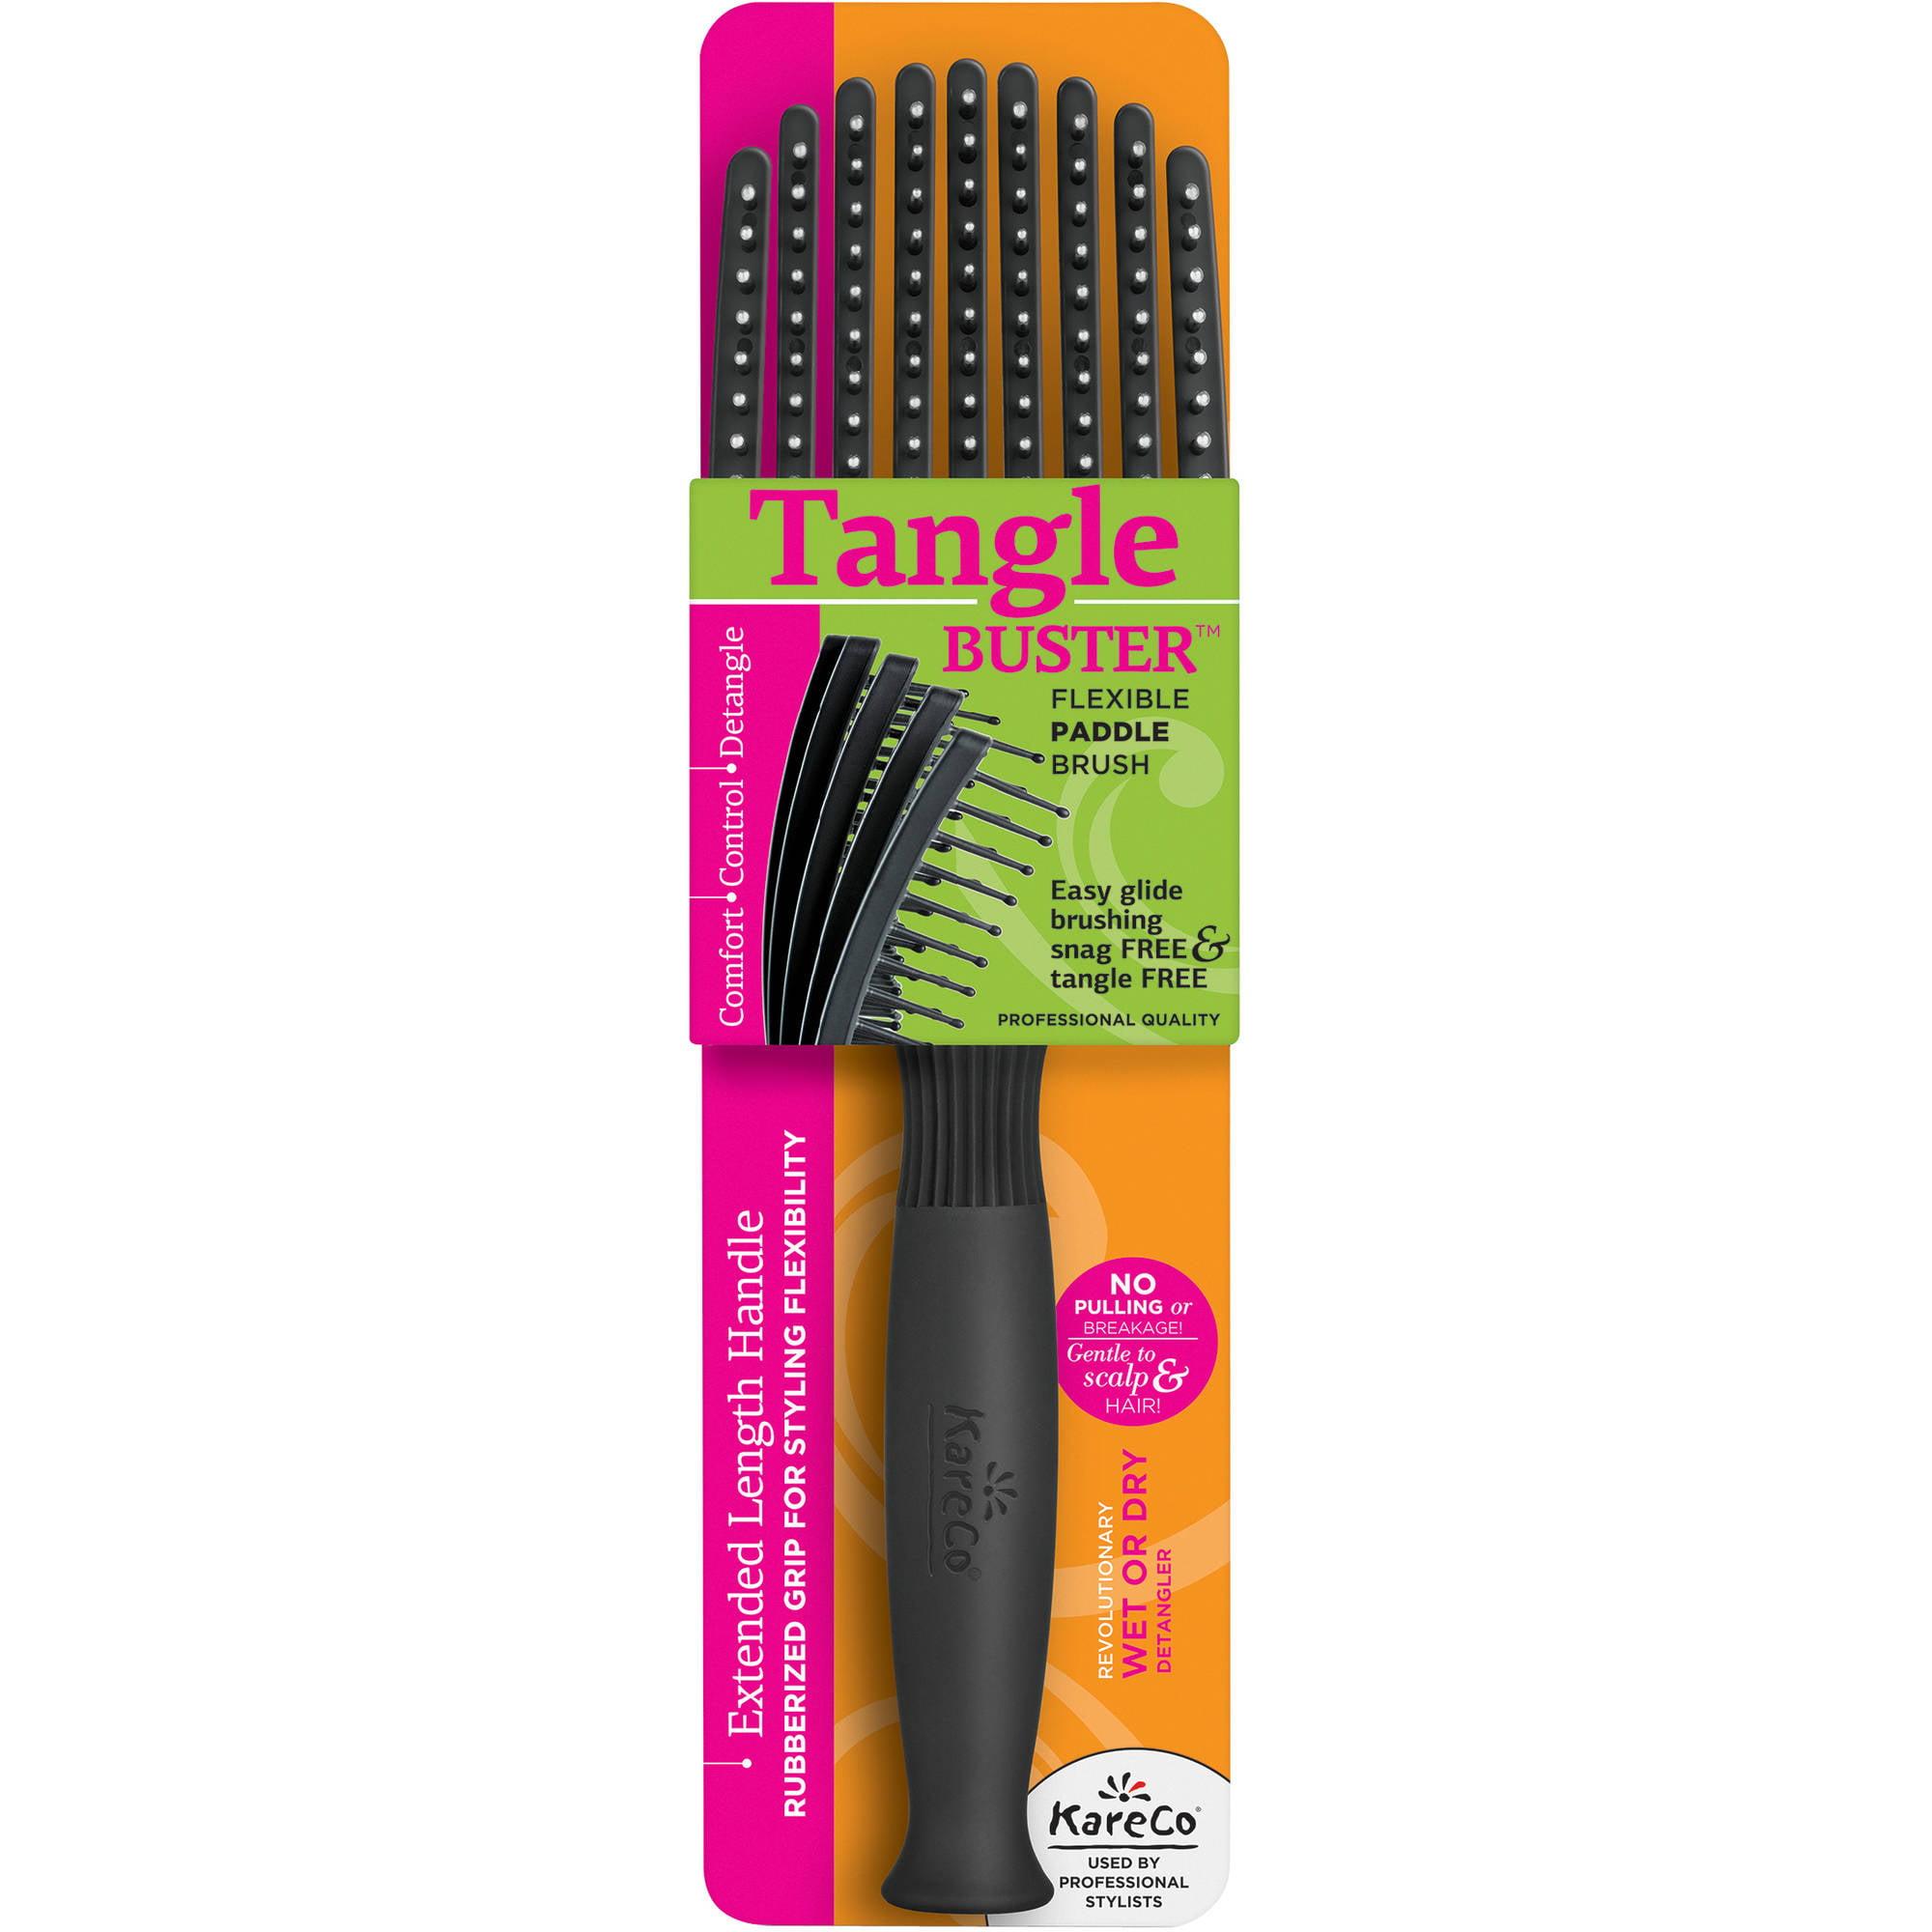 KareCo Tangle Buster Brush